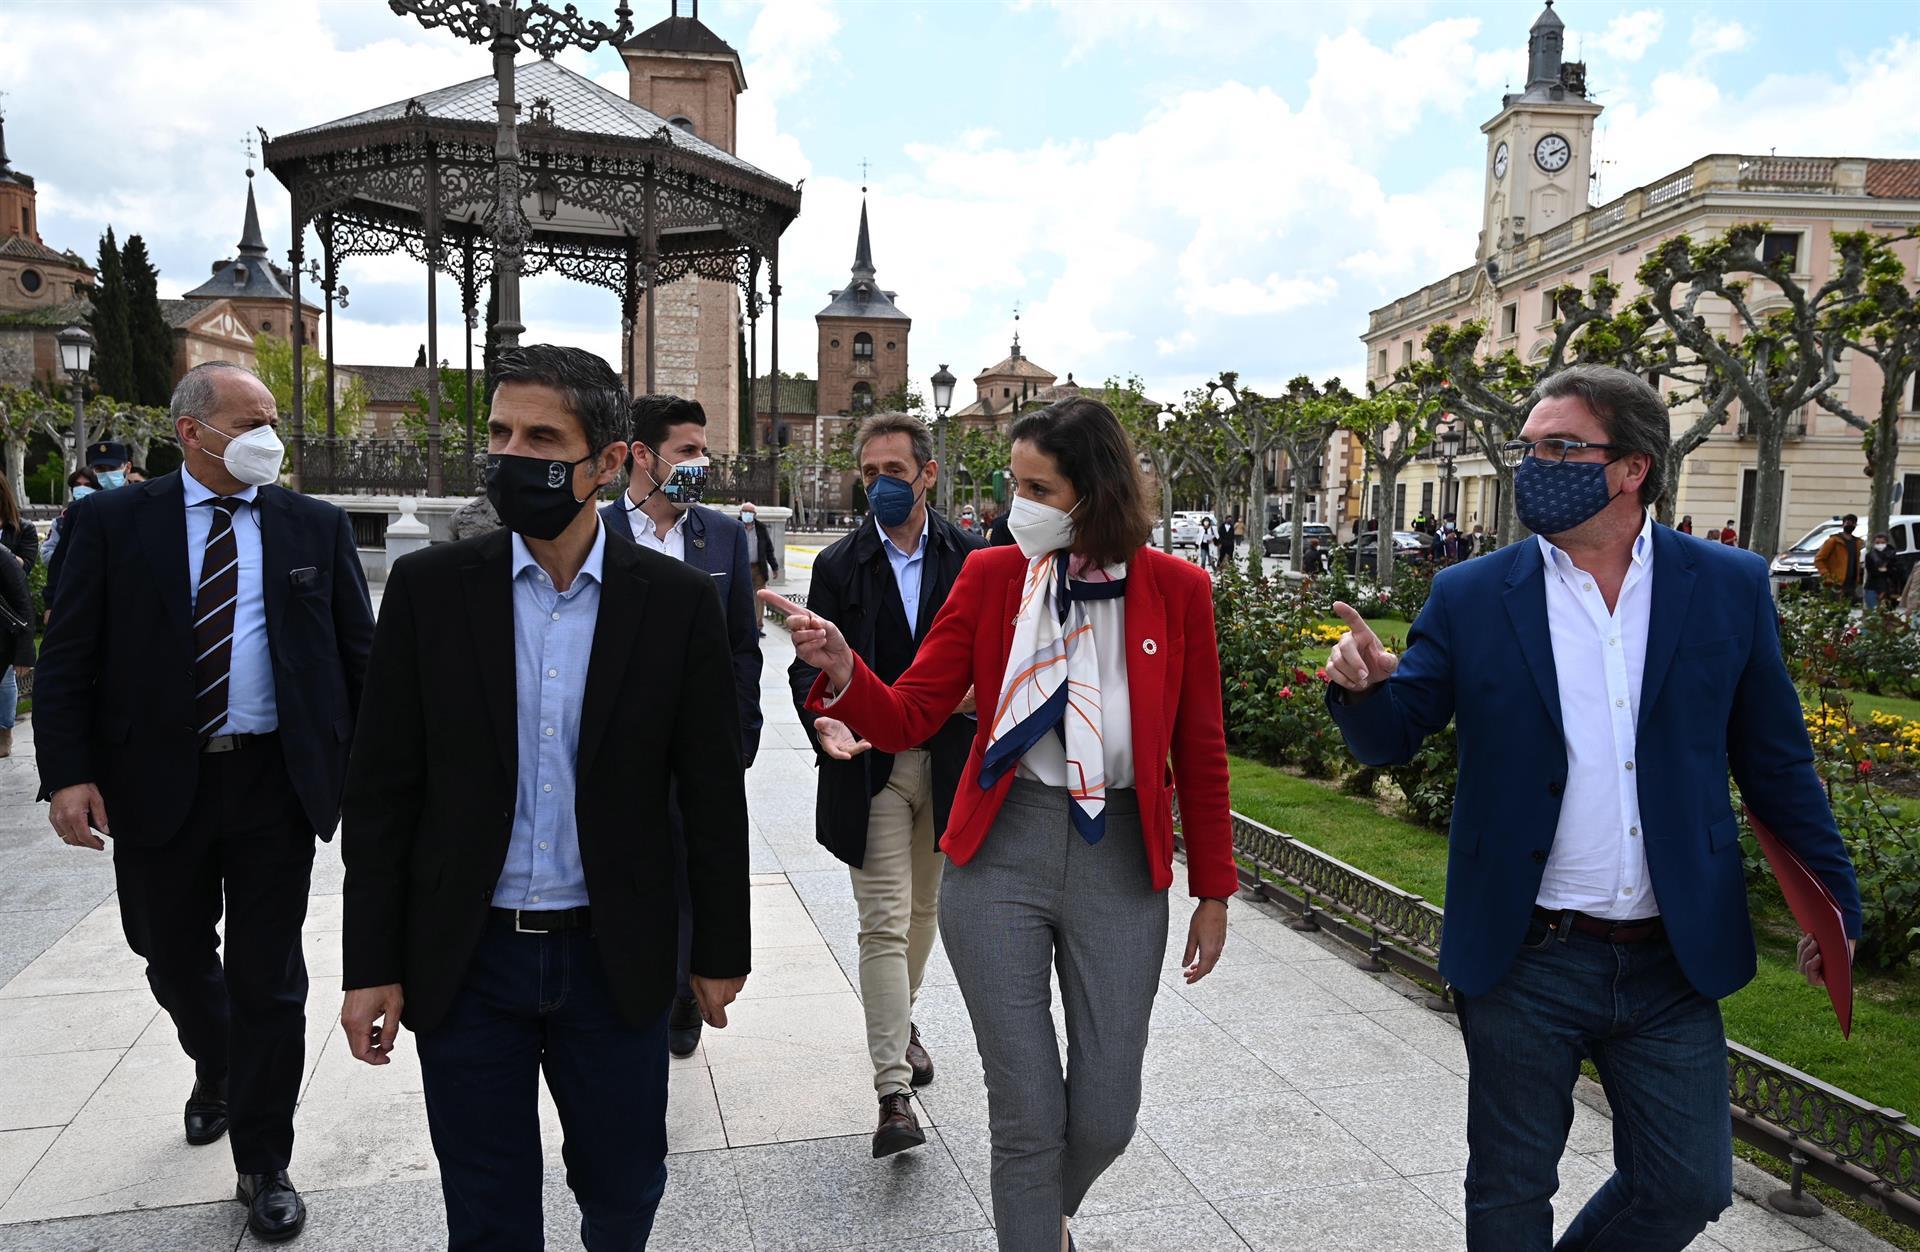 La ministra de Industria, Comercio y Turismo, Reyes Maroto (2d), visita al sector de la hostelería y el turismo en Alcalá de Henares, este martes. EFE/ Fernando Villar